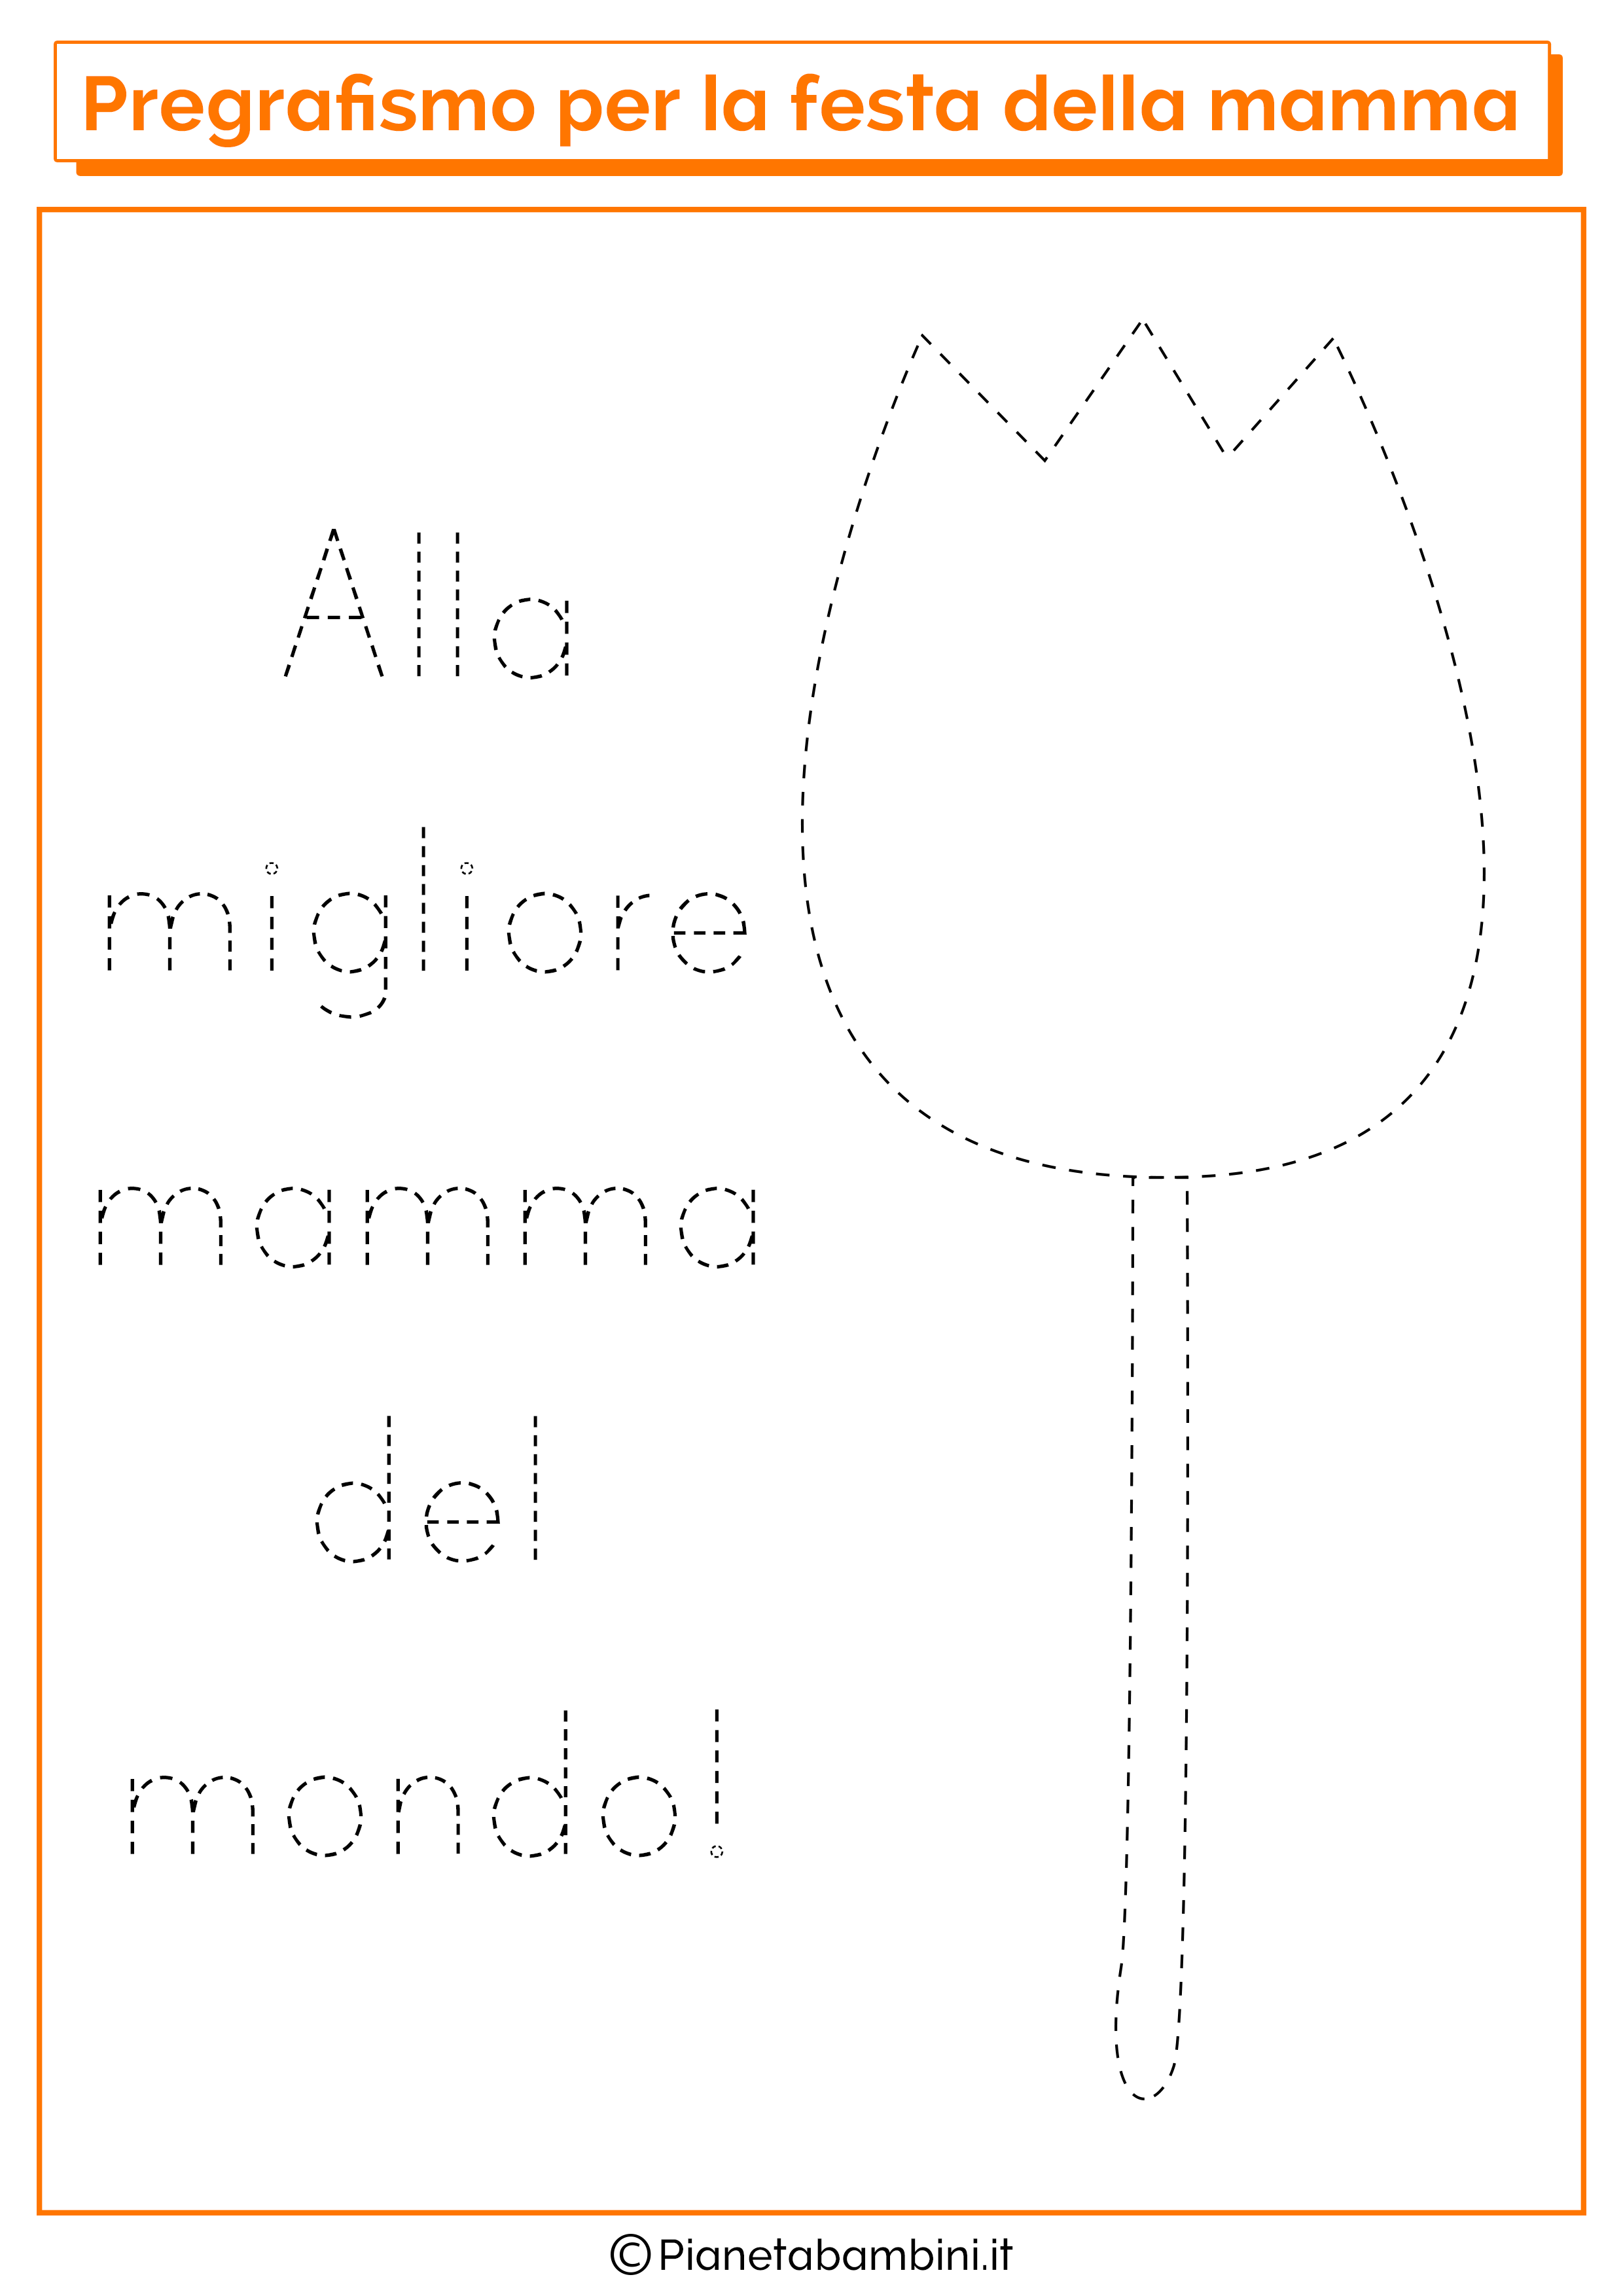 Pregrafismo-Festa-Della-Mamma-04